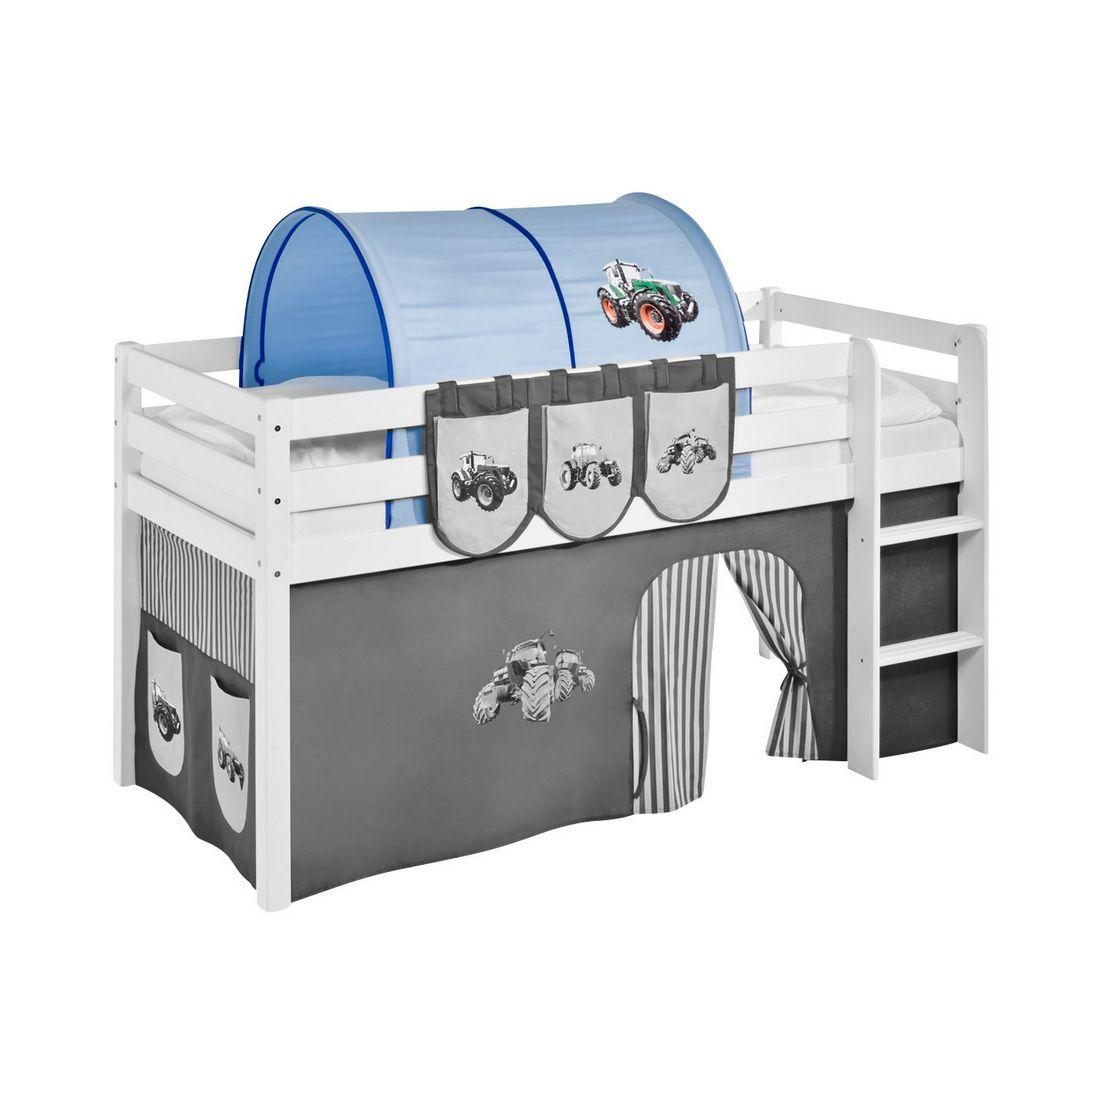 Tunnel Fur Hochbett Spielbett Und Etagenbett Trecker Blau Blau Lilokids Jetzt Bestellen Unter Https Moebel Ladendirekt Kinderbett Kinder Bett Kinder Zimmer